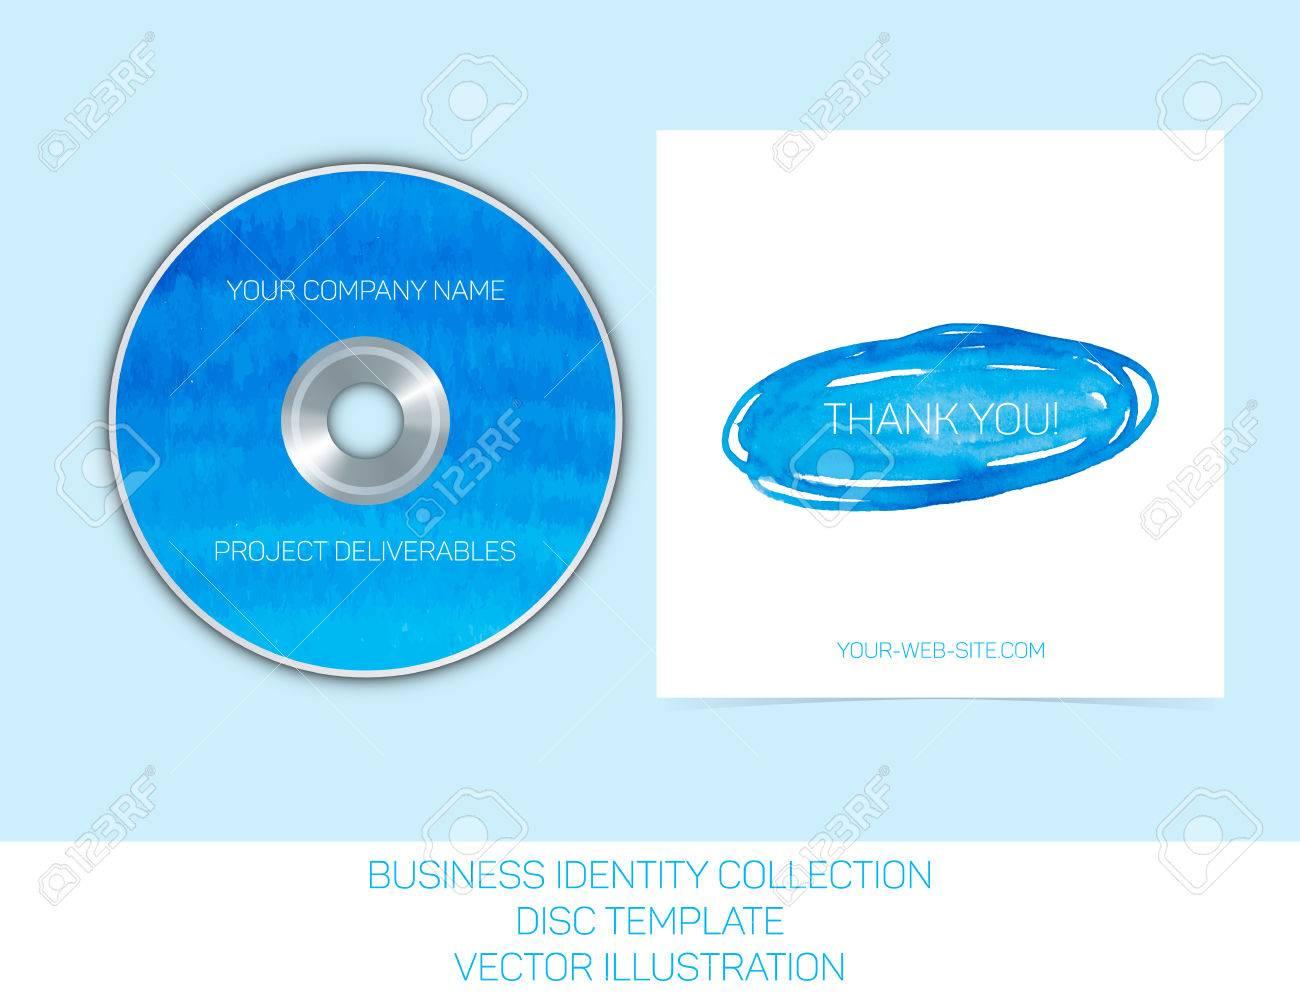 ビジネス アイデンティティ コレクション ブルーとターコイズ色の水彩画